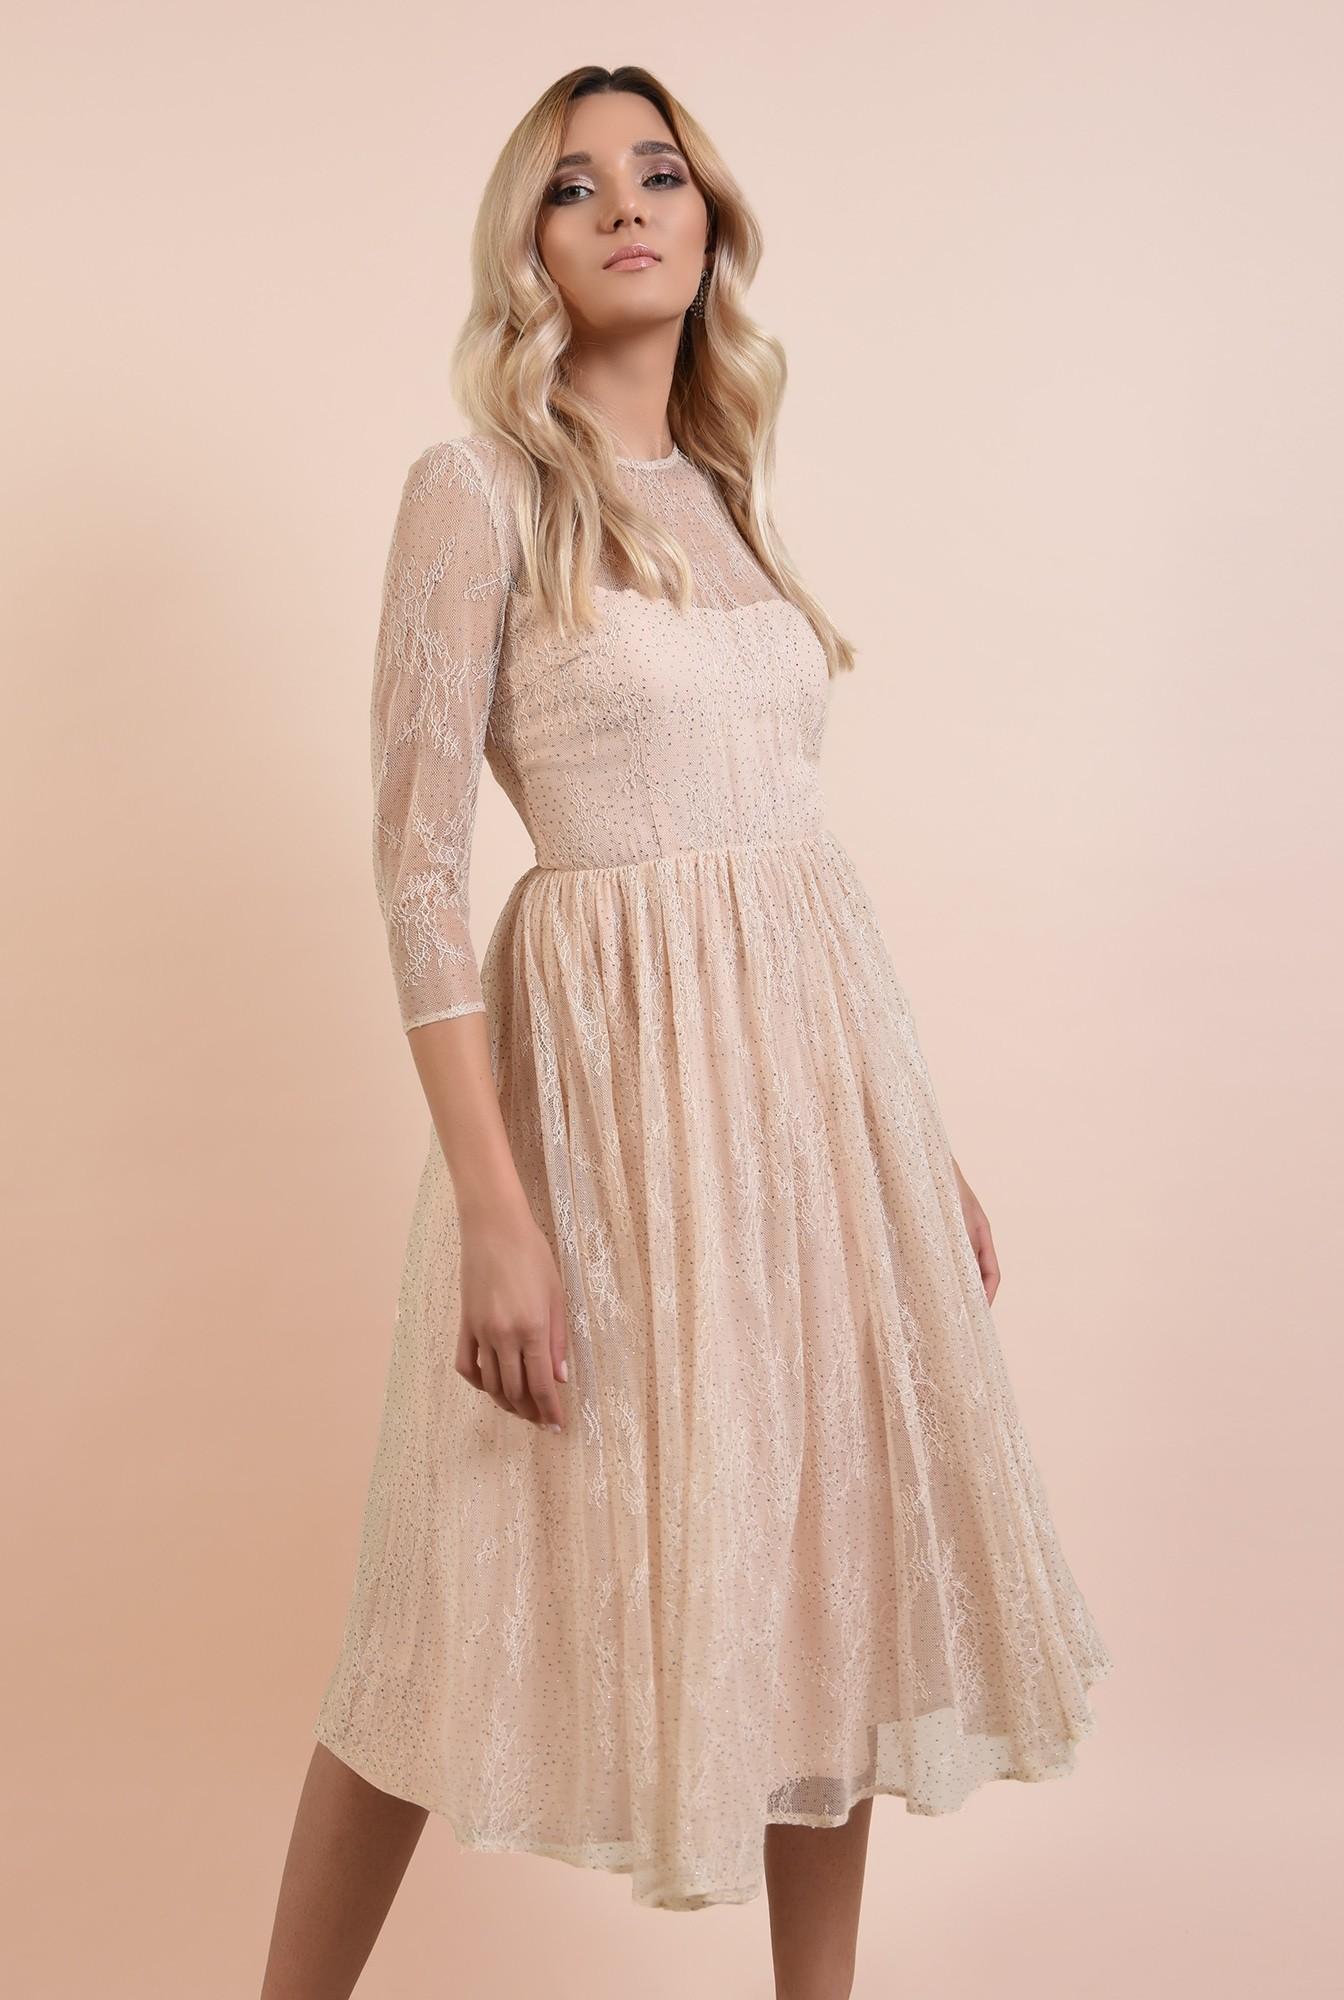 rochie eleganta, crem, din tulle, cu top din dantela, nude, broderie florala fina, Poema